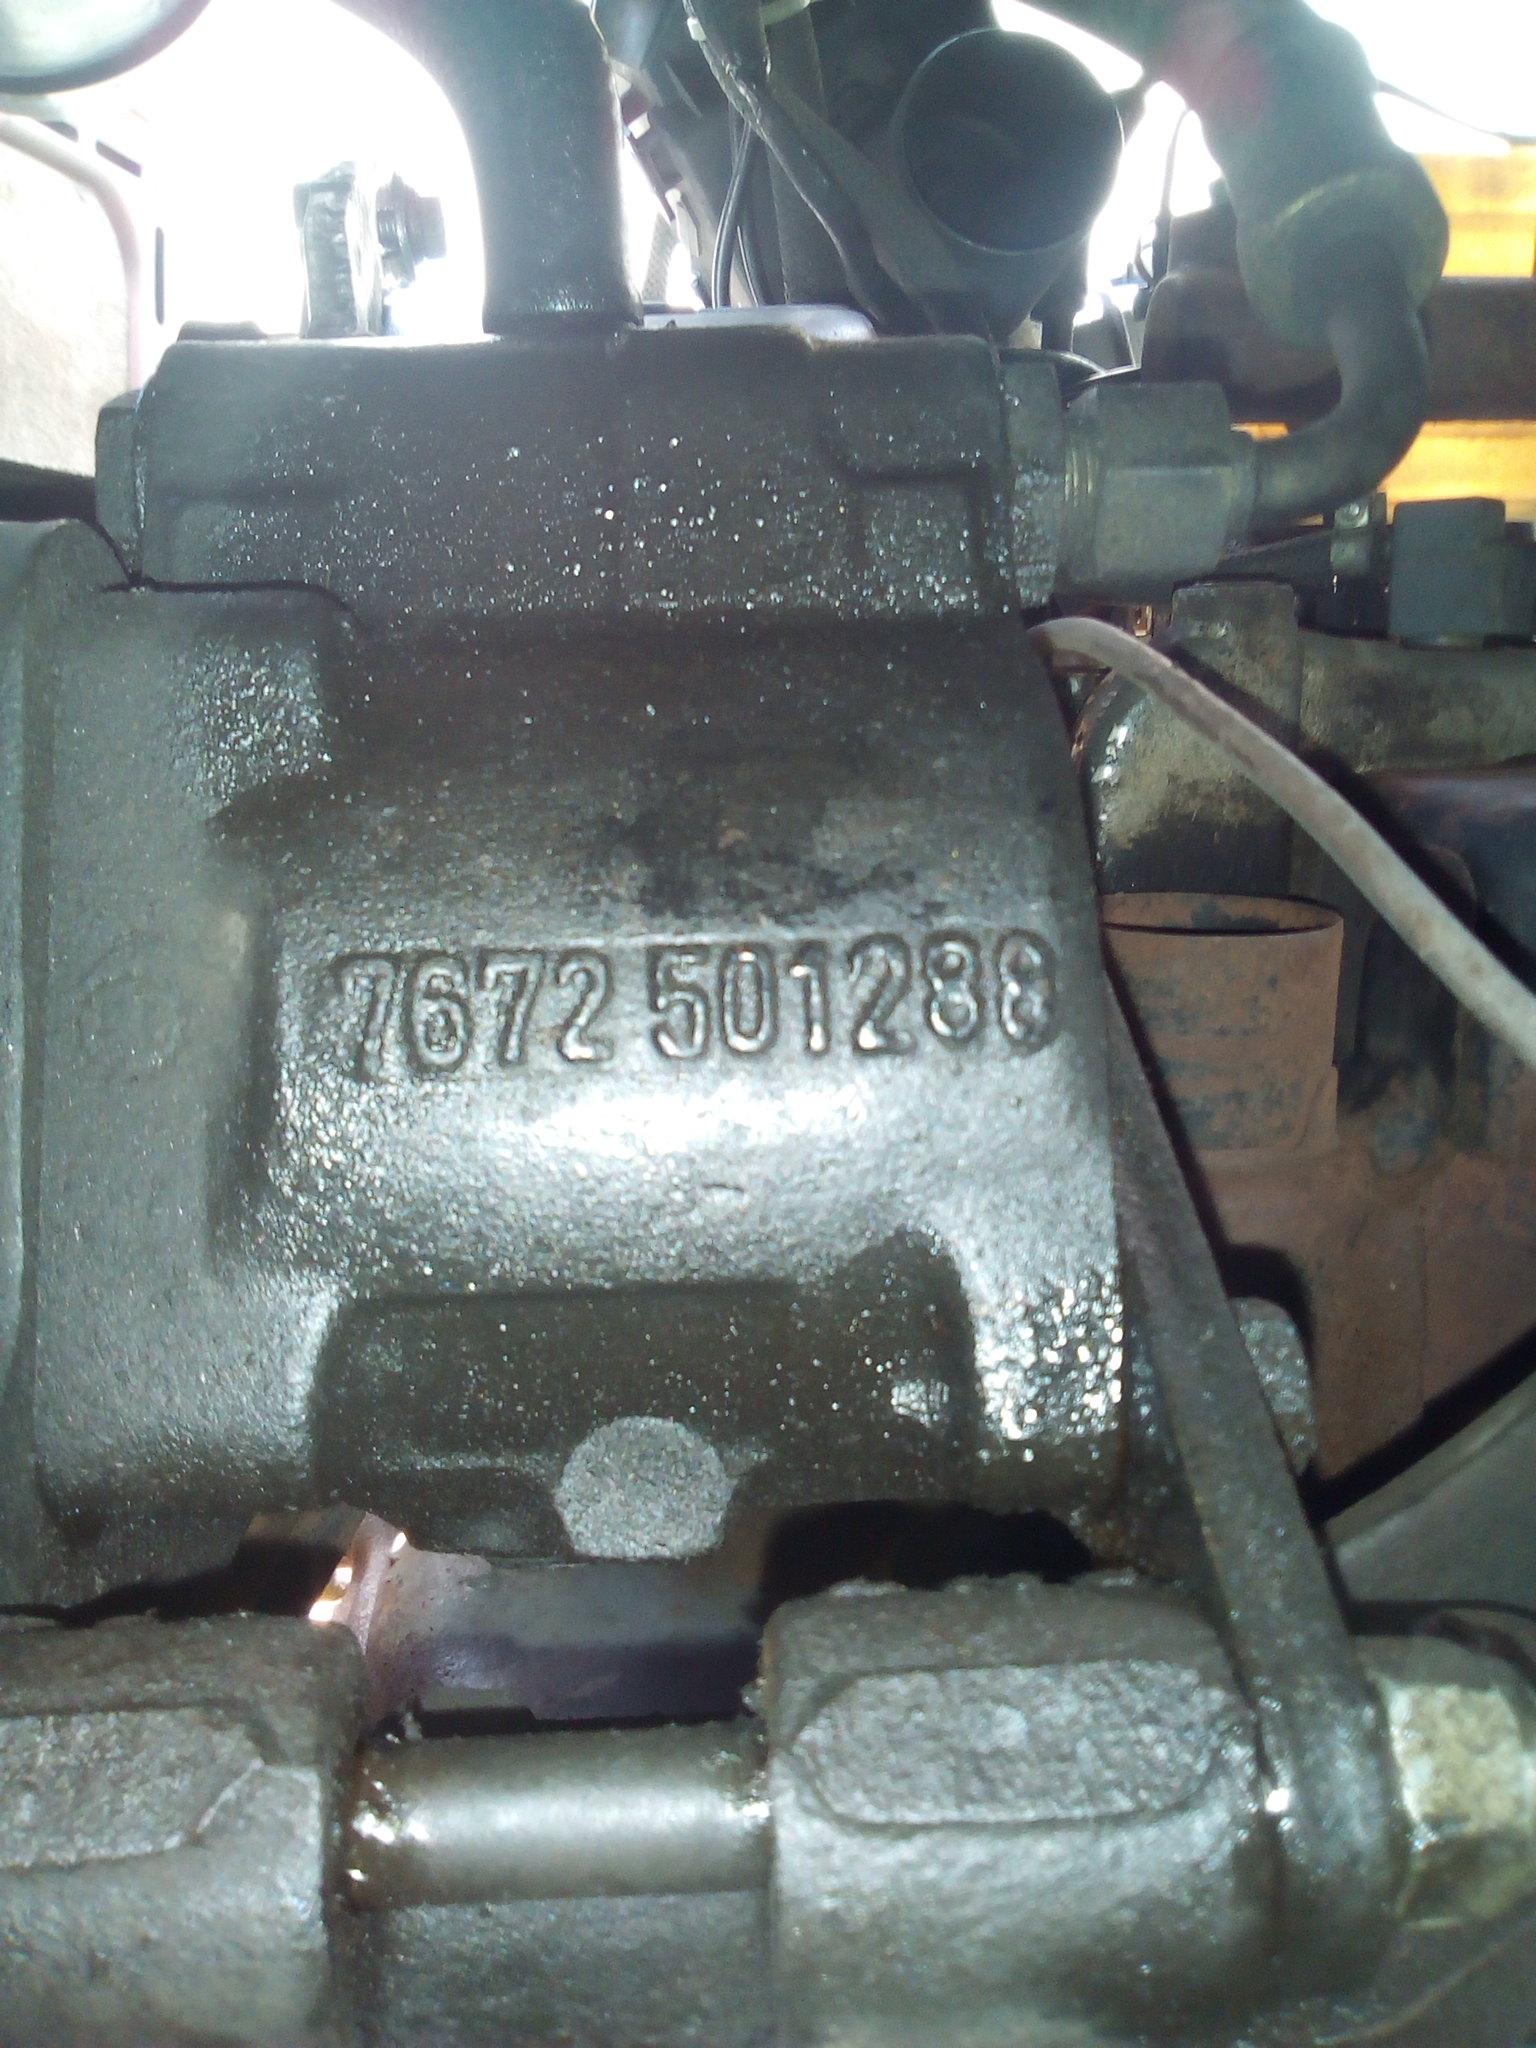 Bomba número 7672501288 da direção hidráulica 49876054182_1964eb8238_k